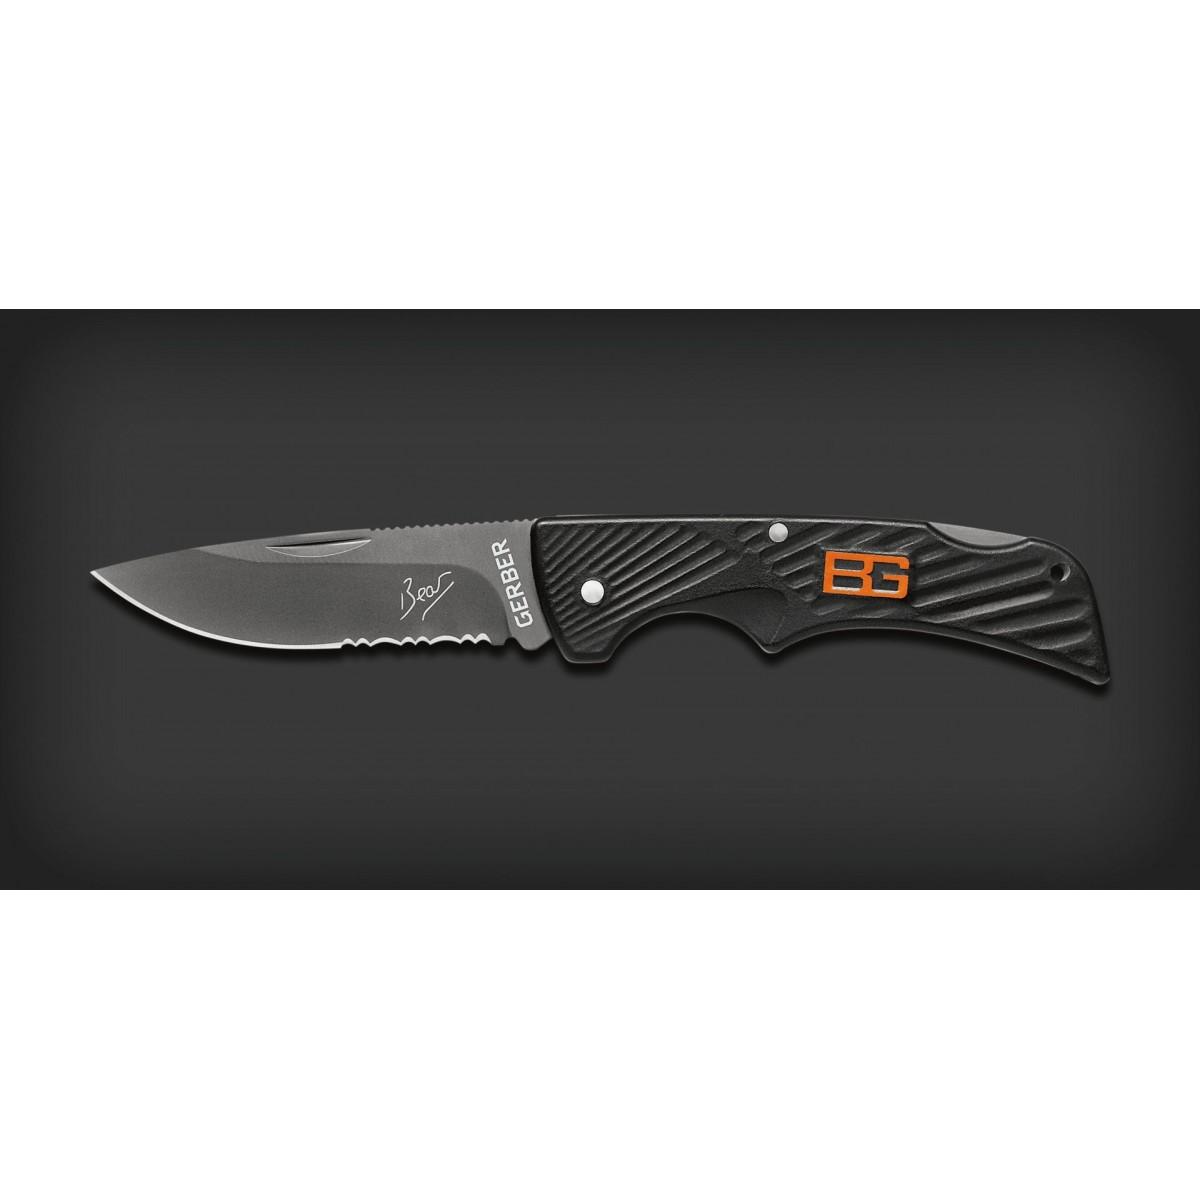 """มีดพับ Gerber Bear Grylls Compact Scout Lockback Knife (2.5"""" Black Serr) 31-000760"""